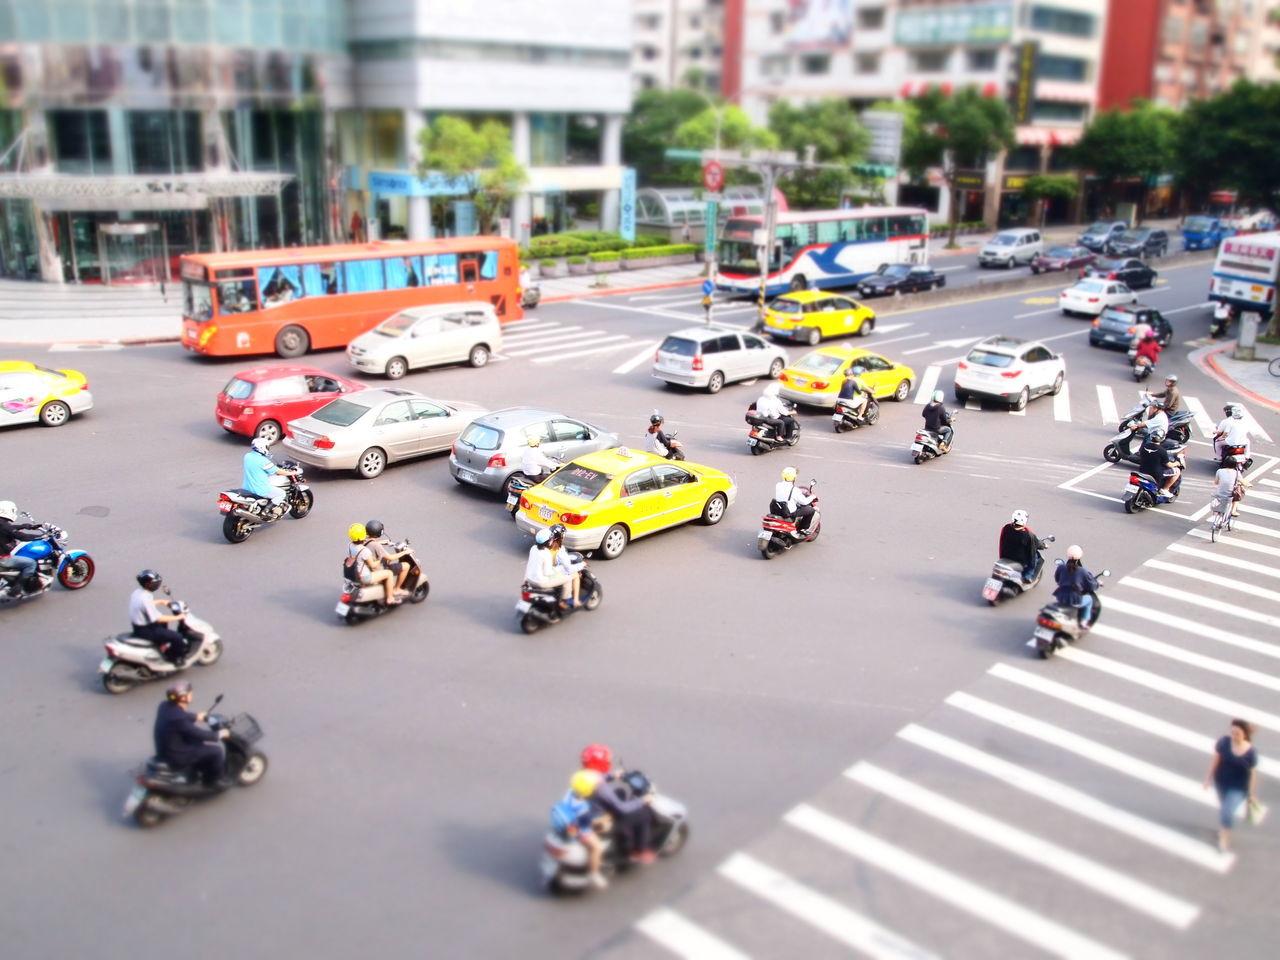 Diorama Motos Taipei Taipeimotorist Taipeitraffic Taiwan Tiltshift